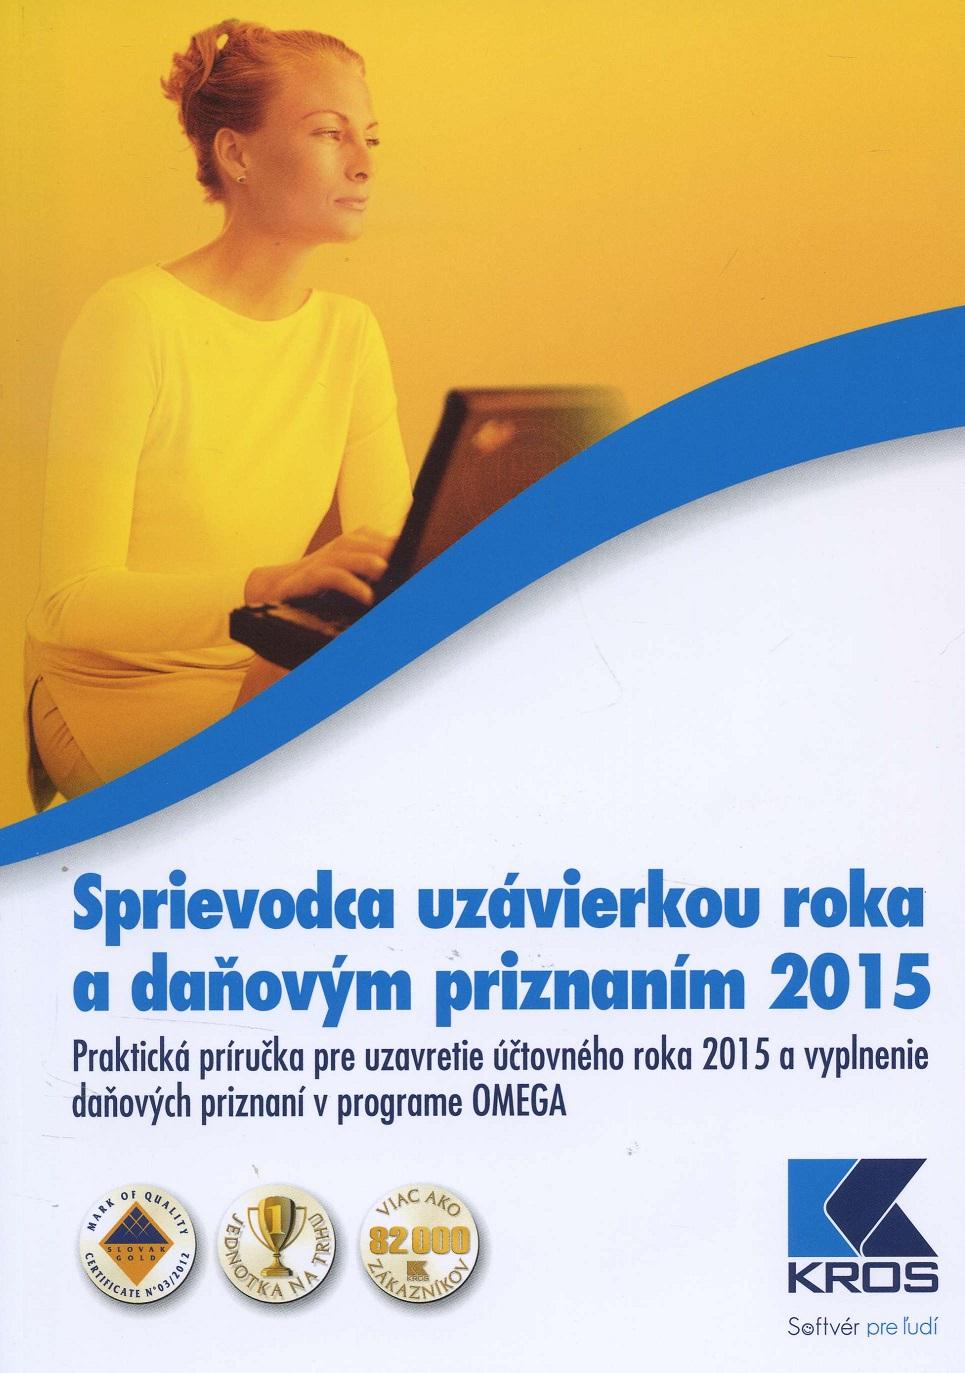 Sprievodca uzávierkou roka a daňovým priznaním 2015 - Praktická príručka pre uzavretie účtovného roka 2015 a vyplnenie daňových priznaní v programe OMEGA